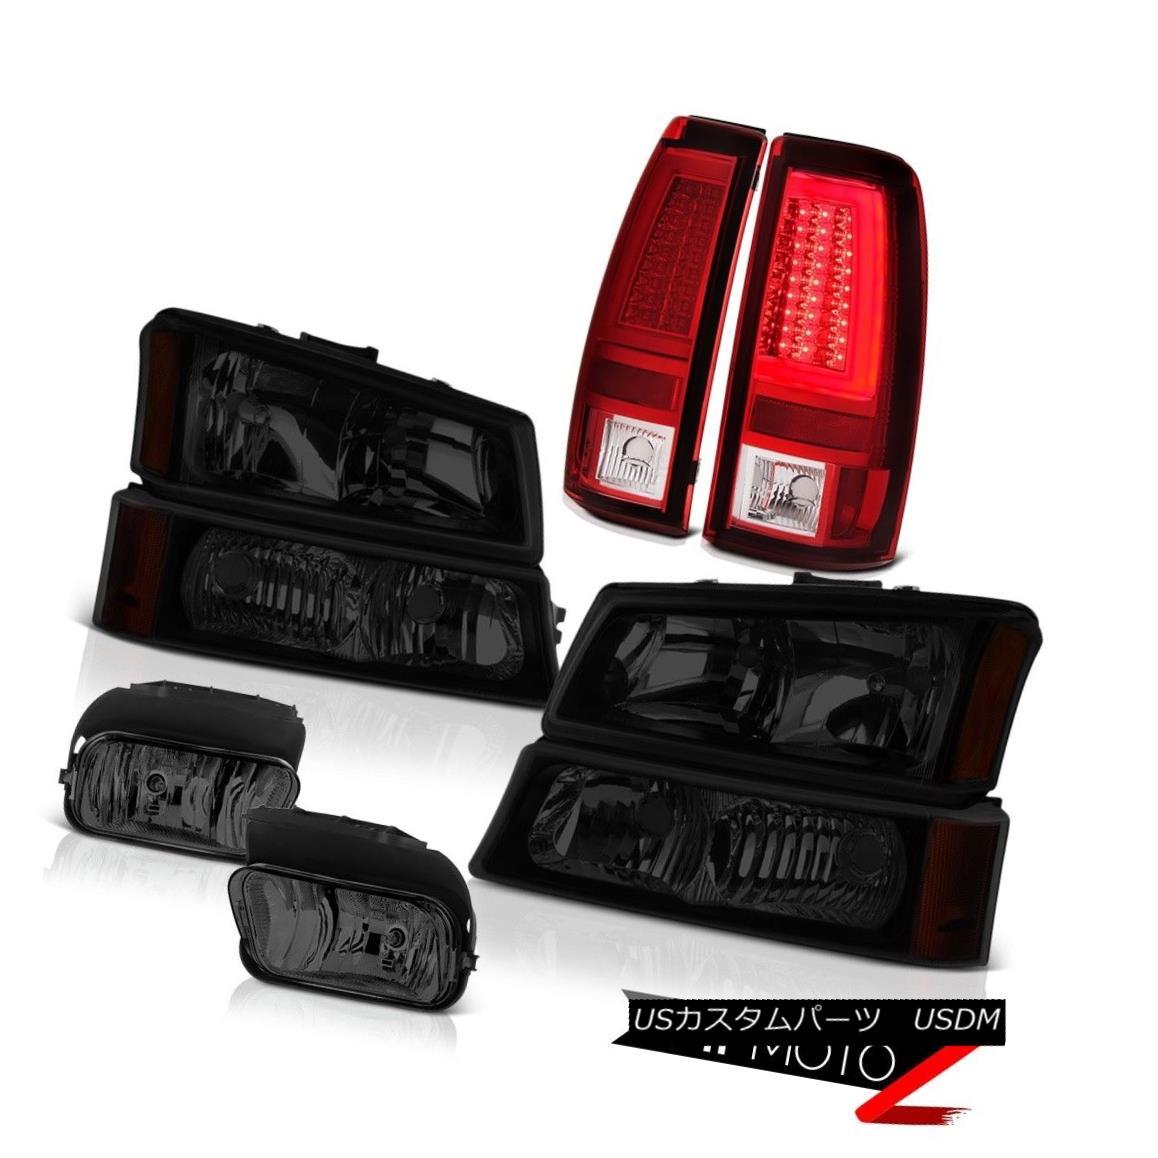 テールライト 2003-2006 Silverado 3500Hd Red Taillights Headlamps Foglights Light Bar Assembly 2003-2006シルバラード3500Hdレッドティアライトヘッドランプフォグライトライトバーアセンブリ